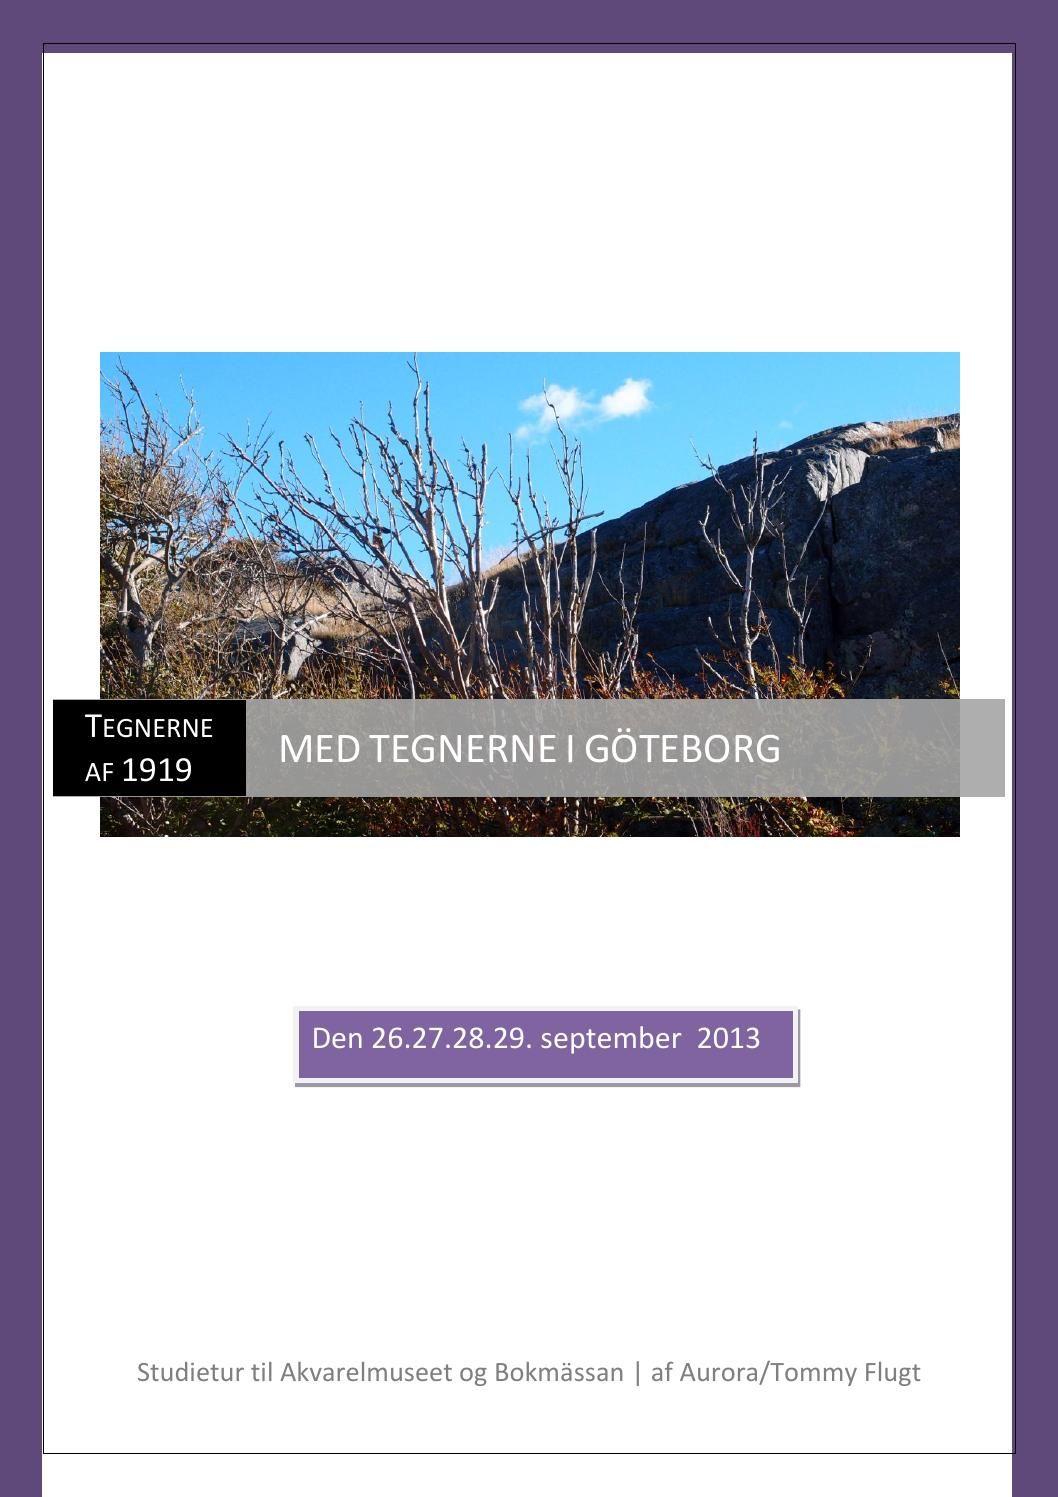 På tur med Tegnerne af 1919 til Akvarellmuseet og Bokmässan i Gøteborg, Sverige                                      Den 26.27.28.29. september 2013 Fotos og tekst af Tommy Flugt.